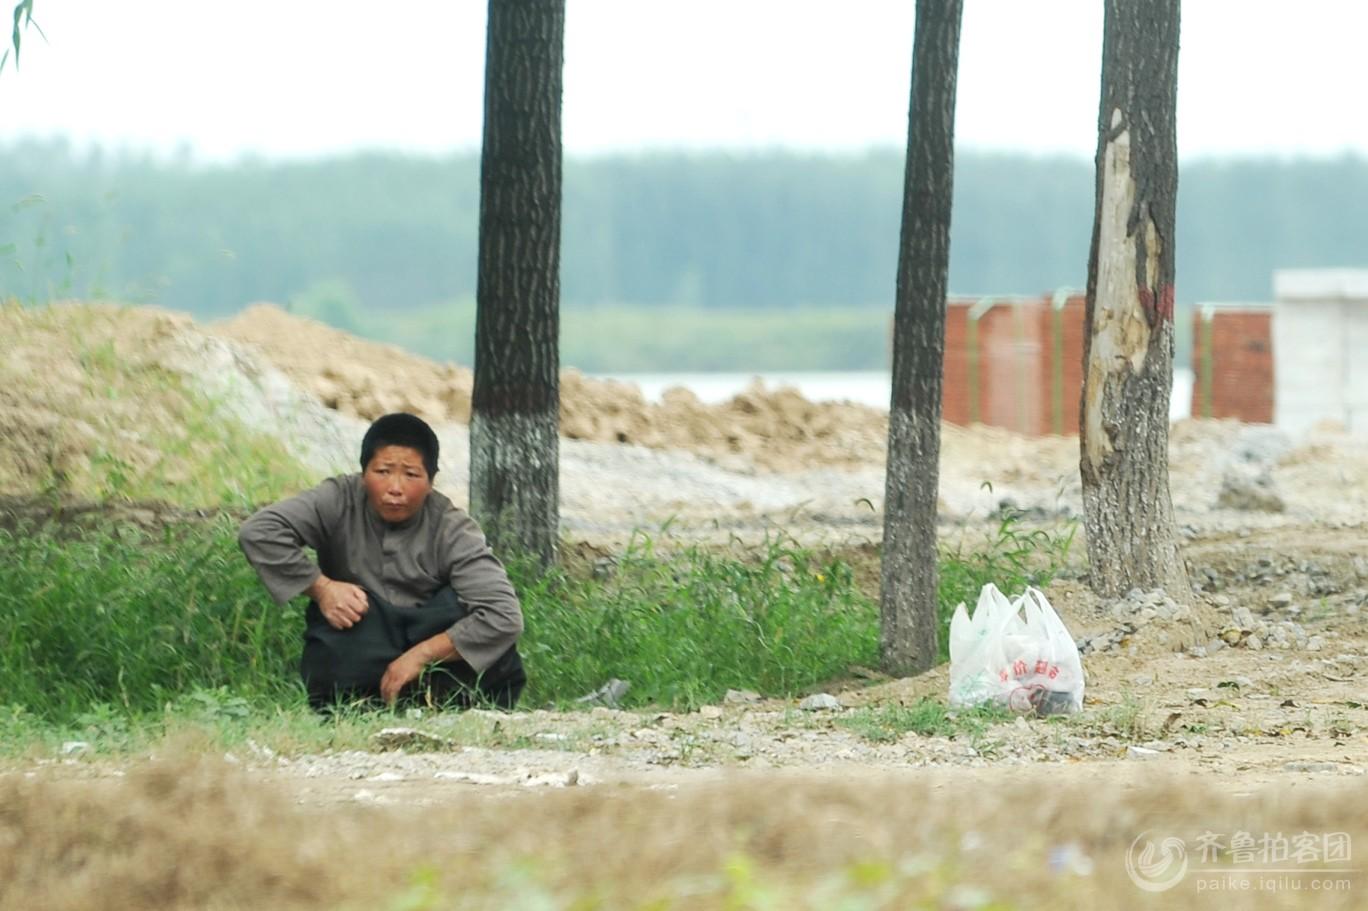 322上的露天厕所~ - 聊城拍客 - 齐鲁社区 - 山东